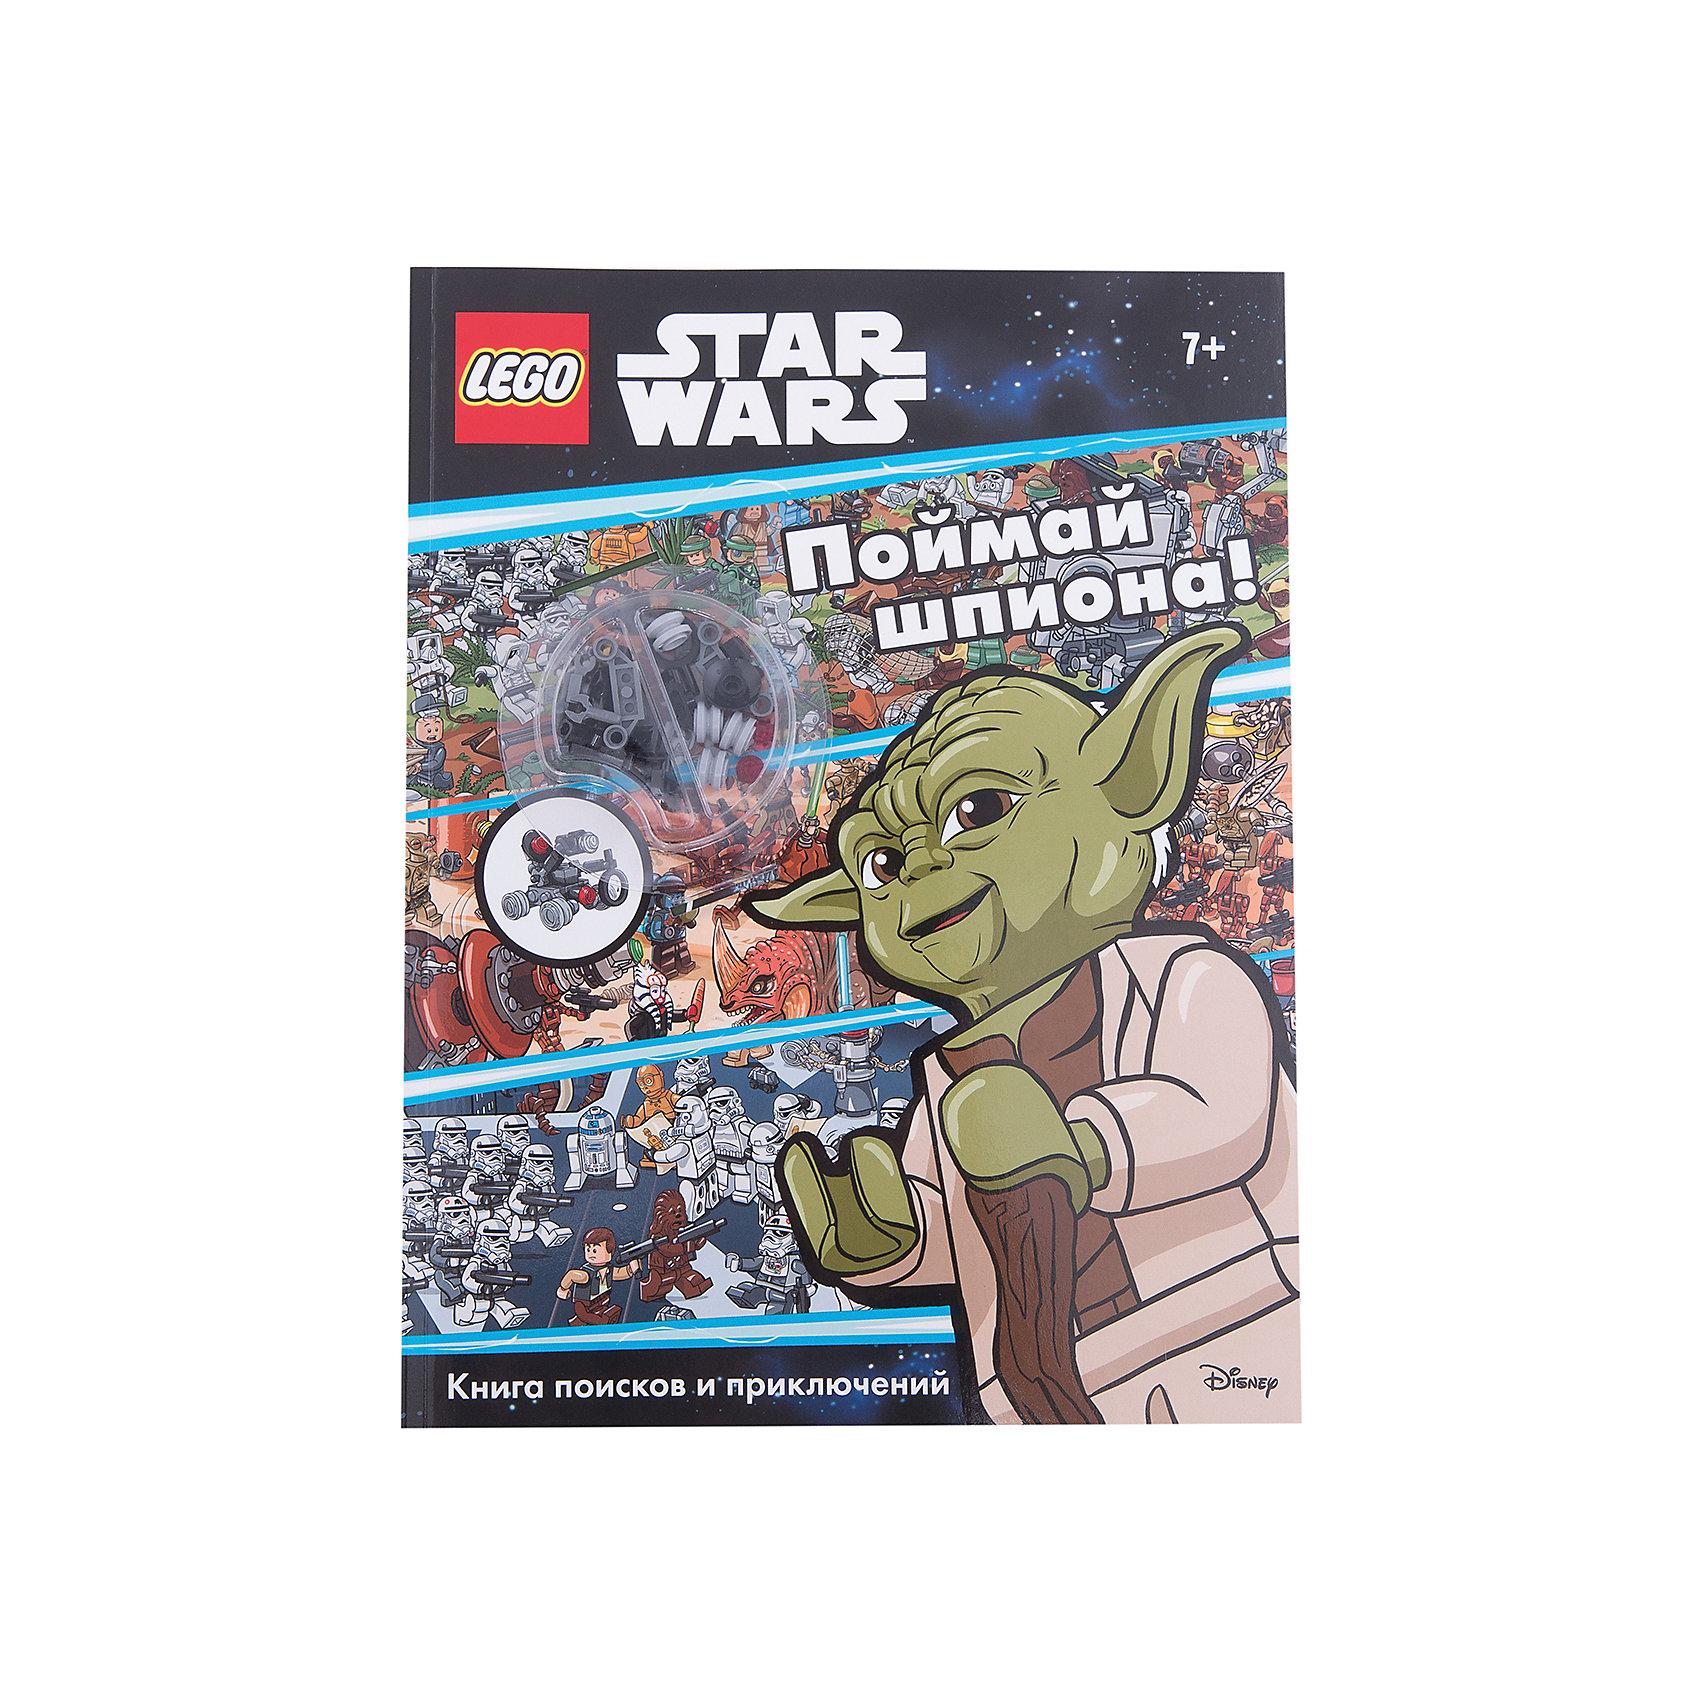 Поймай шпиона! Книга поисков и приключений + мини-наборLEGO Товары для фанатов<br>Галактика под угрозой! Опасный наёмный убийца и его дроид-шпион вышли на охоту! Твоя задача – разыскать их. Но дроид-шпион каждый раз выглядит по-разному… Эта книга поисков и приключений наполнена потрясающими сценами с участием твоих любимых персонажей LEGO Звёздные Войны. Благодаря приложенному мини-набору LEGO ты сможешь одну за другой собрать 9 разных моделей дроида-шпиона и играть с ними. Удачи, друг, и да пребудет с тобой Сила!<br><br>Ширина мм: 340<br>Глубина мм: 250<br>Высота мм: 10<br>Вес г: 239<br>Возраст от месяцев: 84<br>Возраст до месяцев: 144<br>Пол: Унисекс<br>Возраст: Детский<br>SKU: 6878156